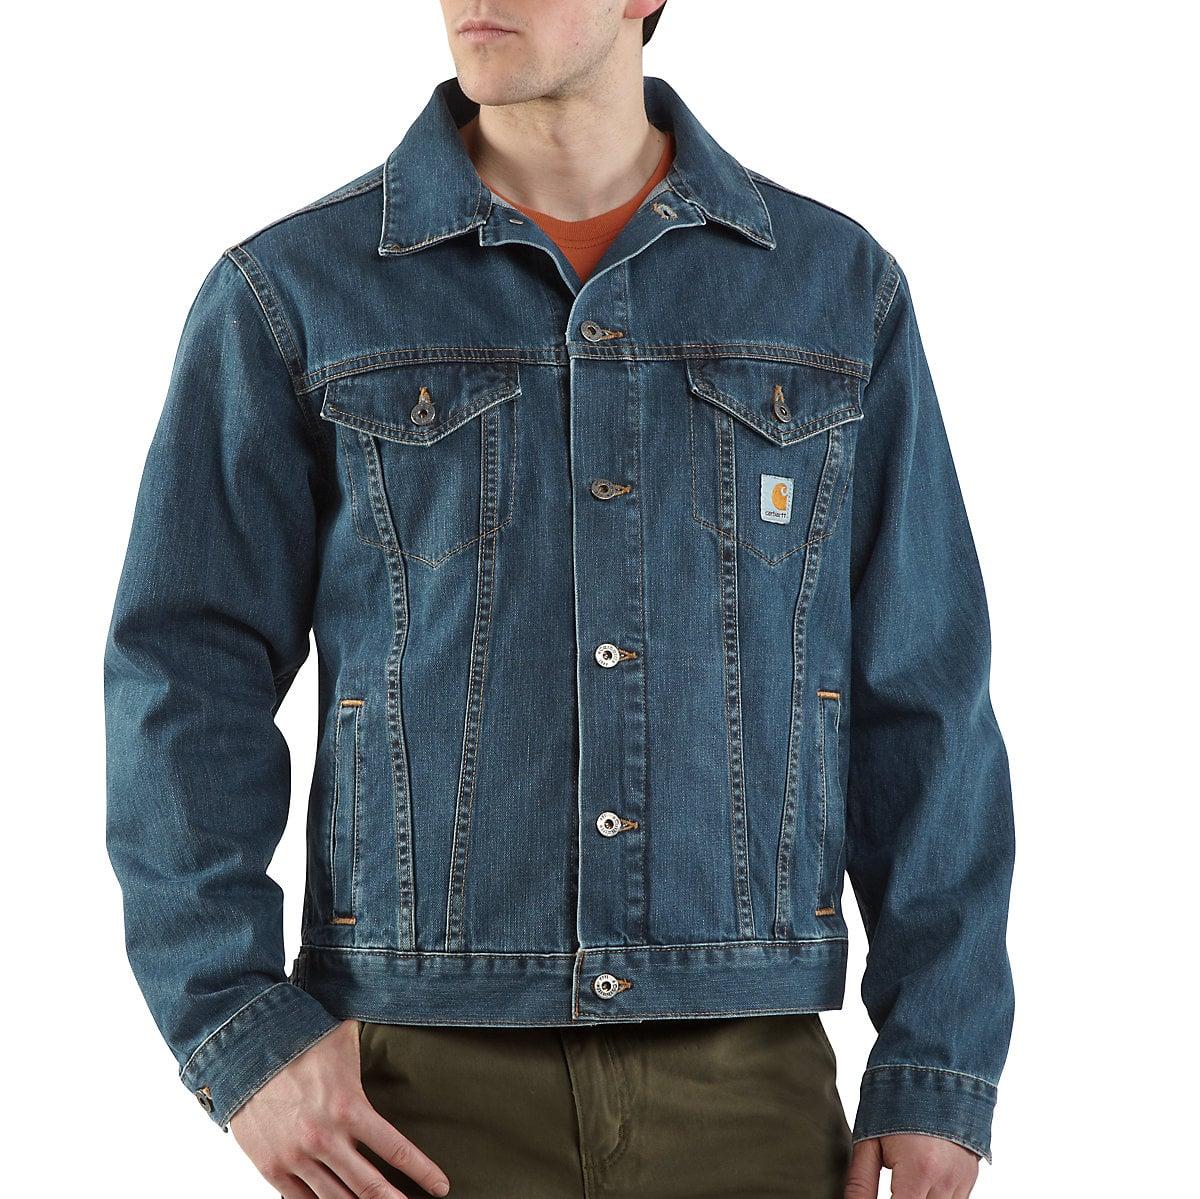 Men's Denim Jean Jacket/Unlined J291 | Carhartt